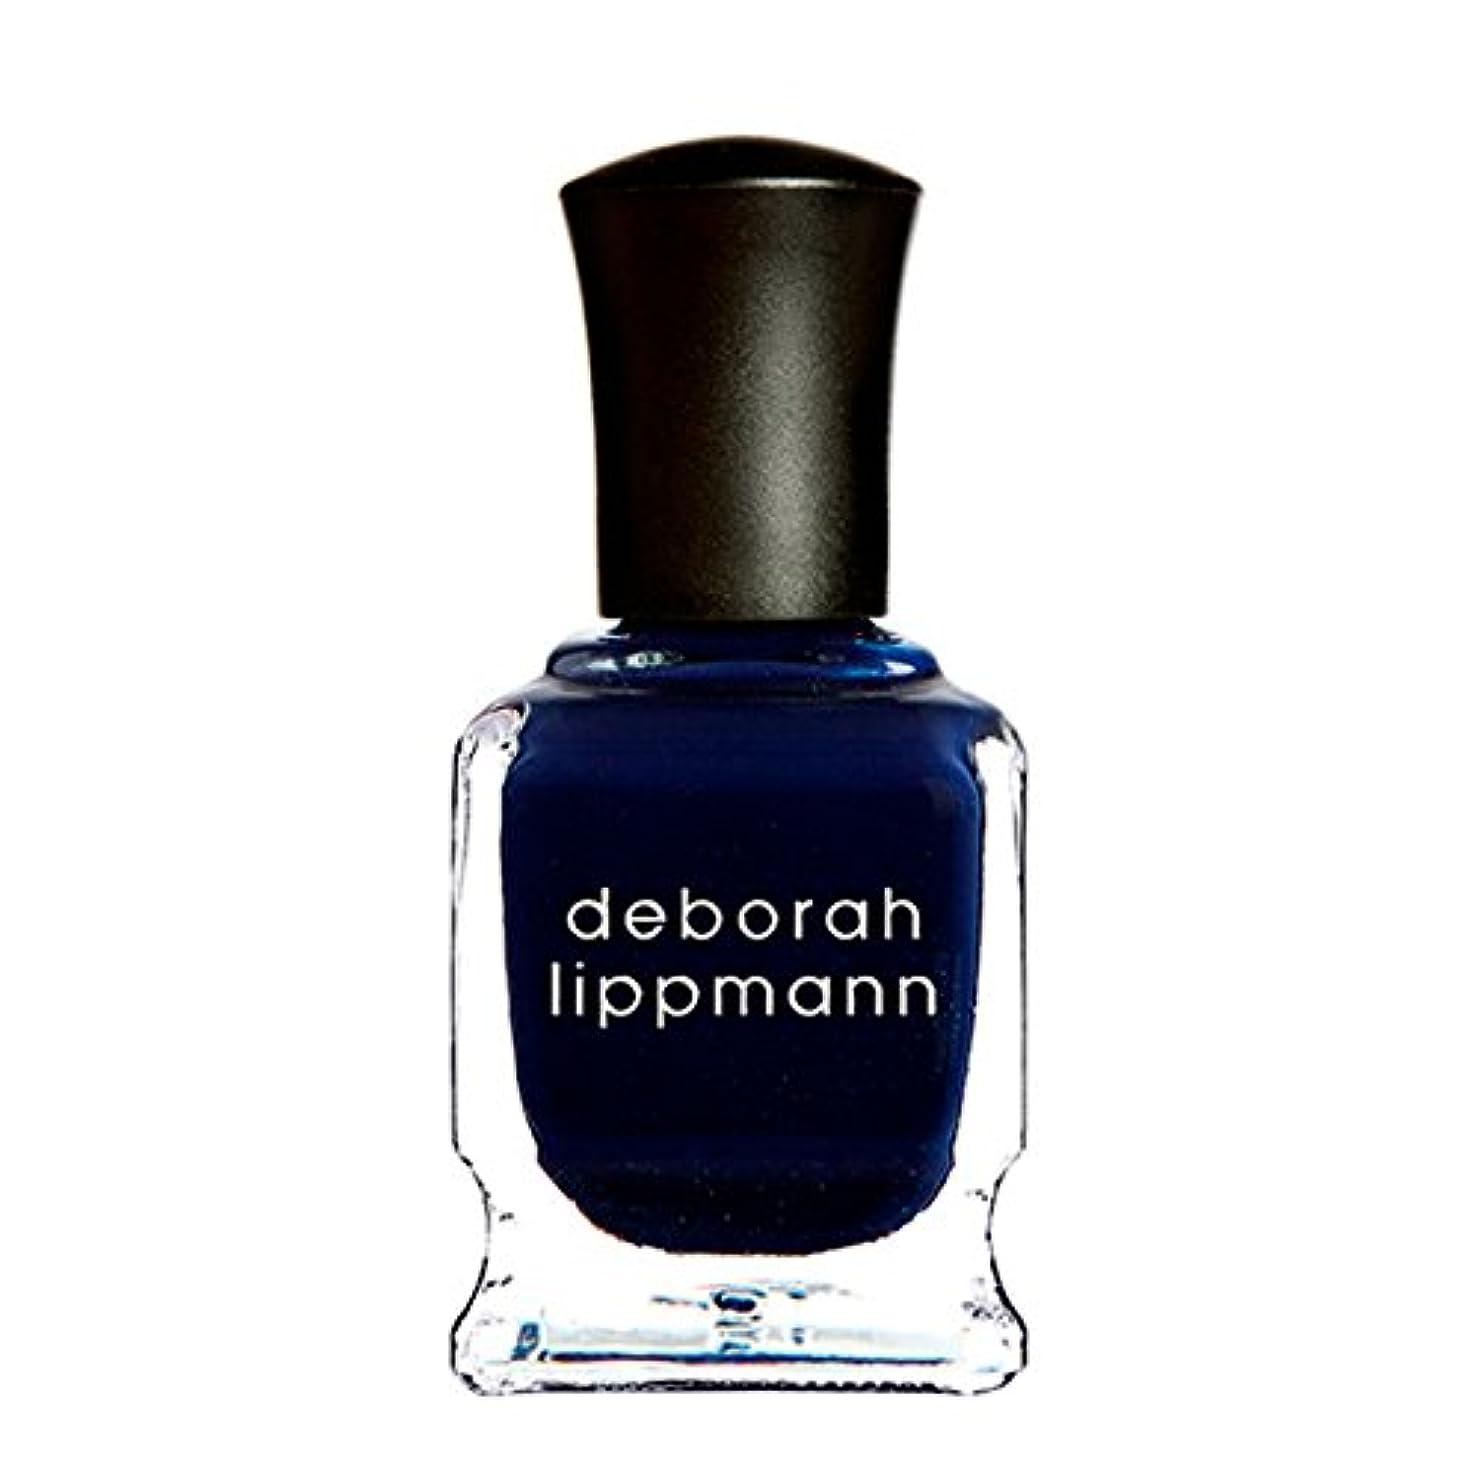 欠乏窓を洗う手当[Deborah Lippmann] [ デボラリップマン] ローリングインザディープ (Rolling in the Deep) 色:ミッドナイトブルー ネイルカラー系統:ブルー 15mL